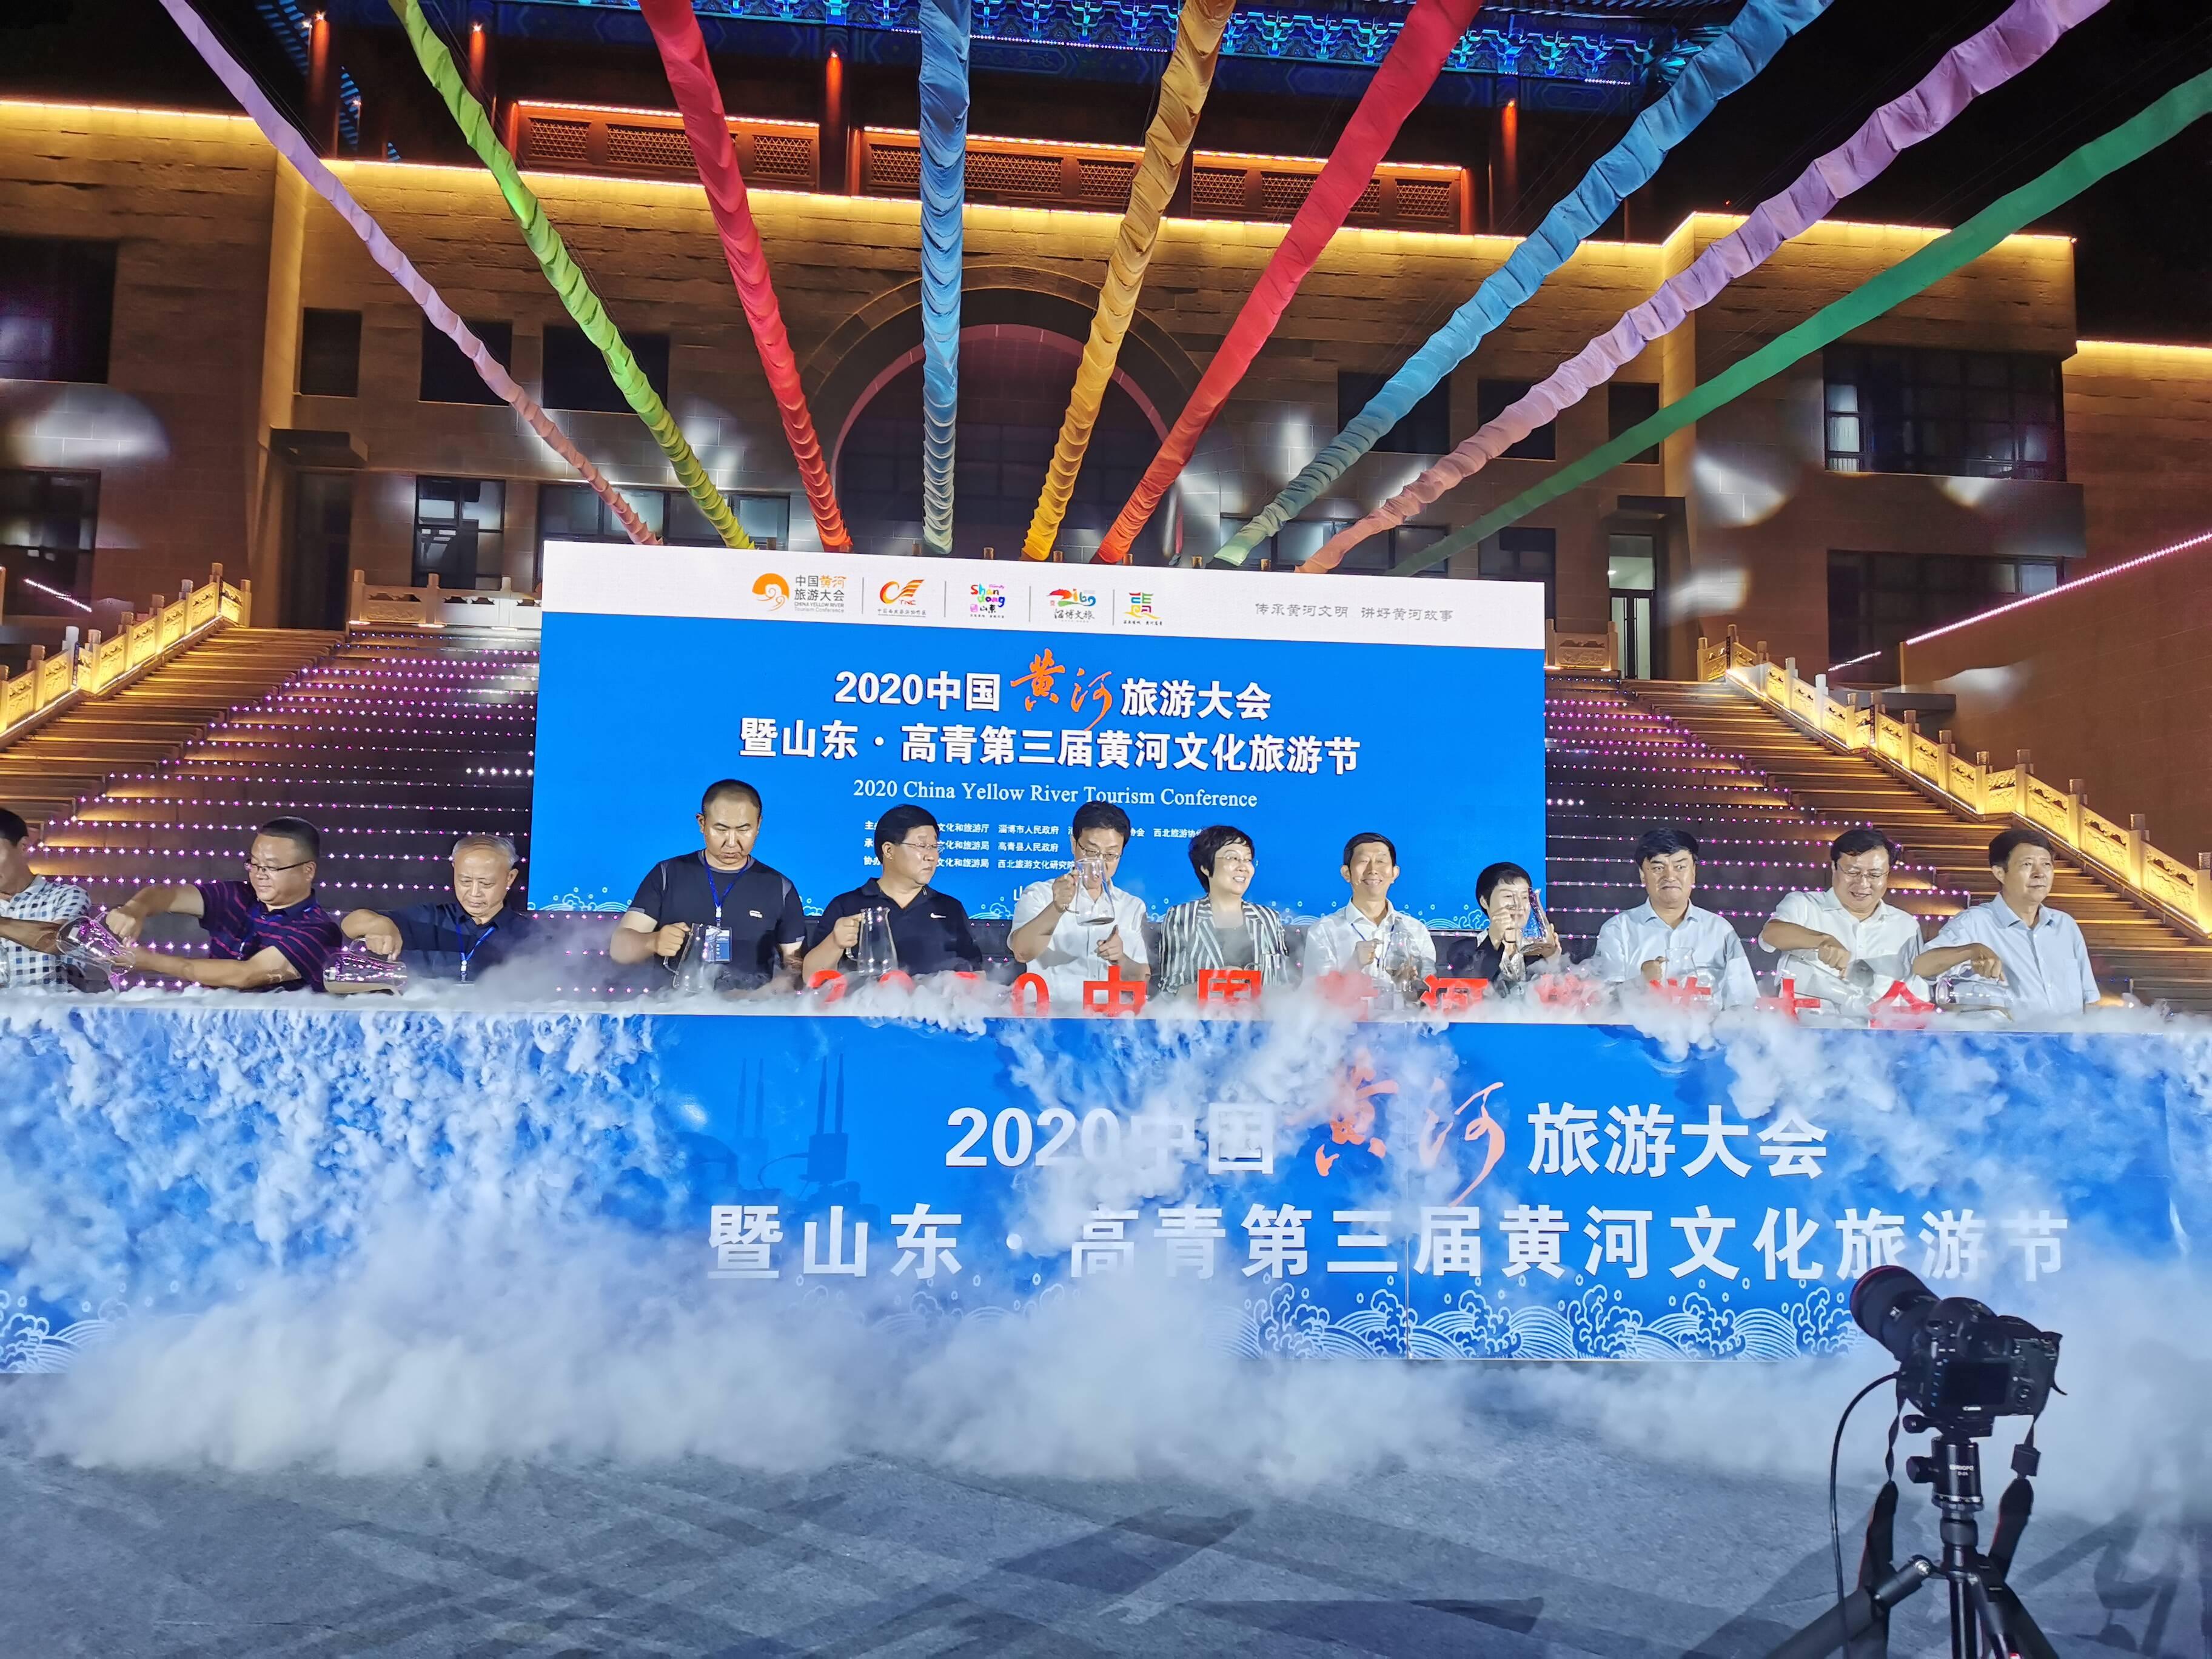 第四届中国黄河旅游大会在淄博高青启动